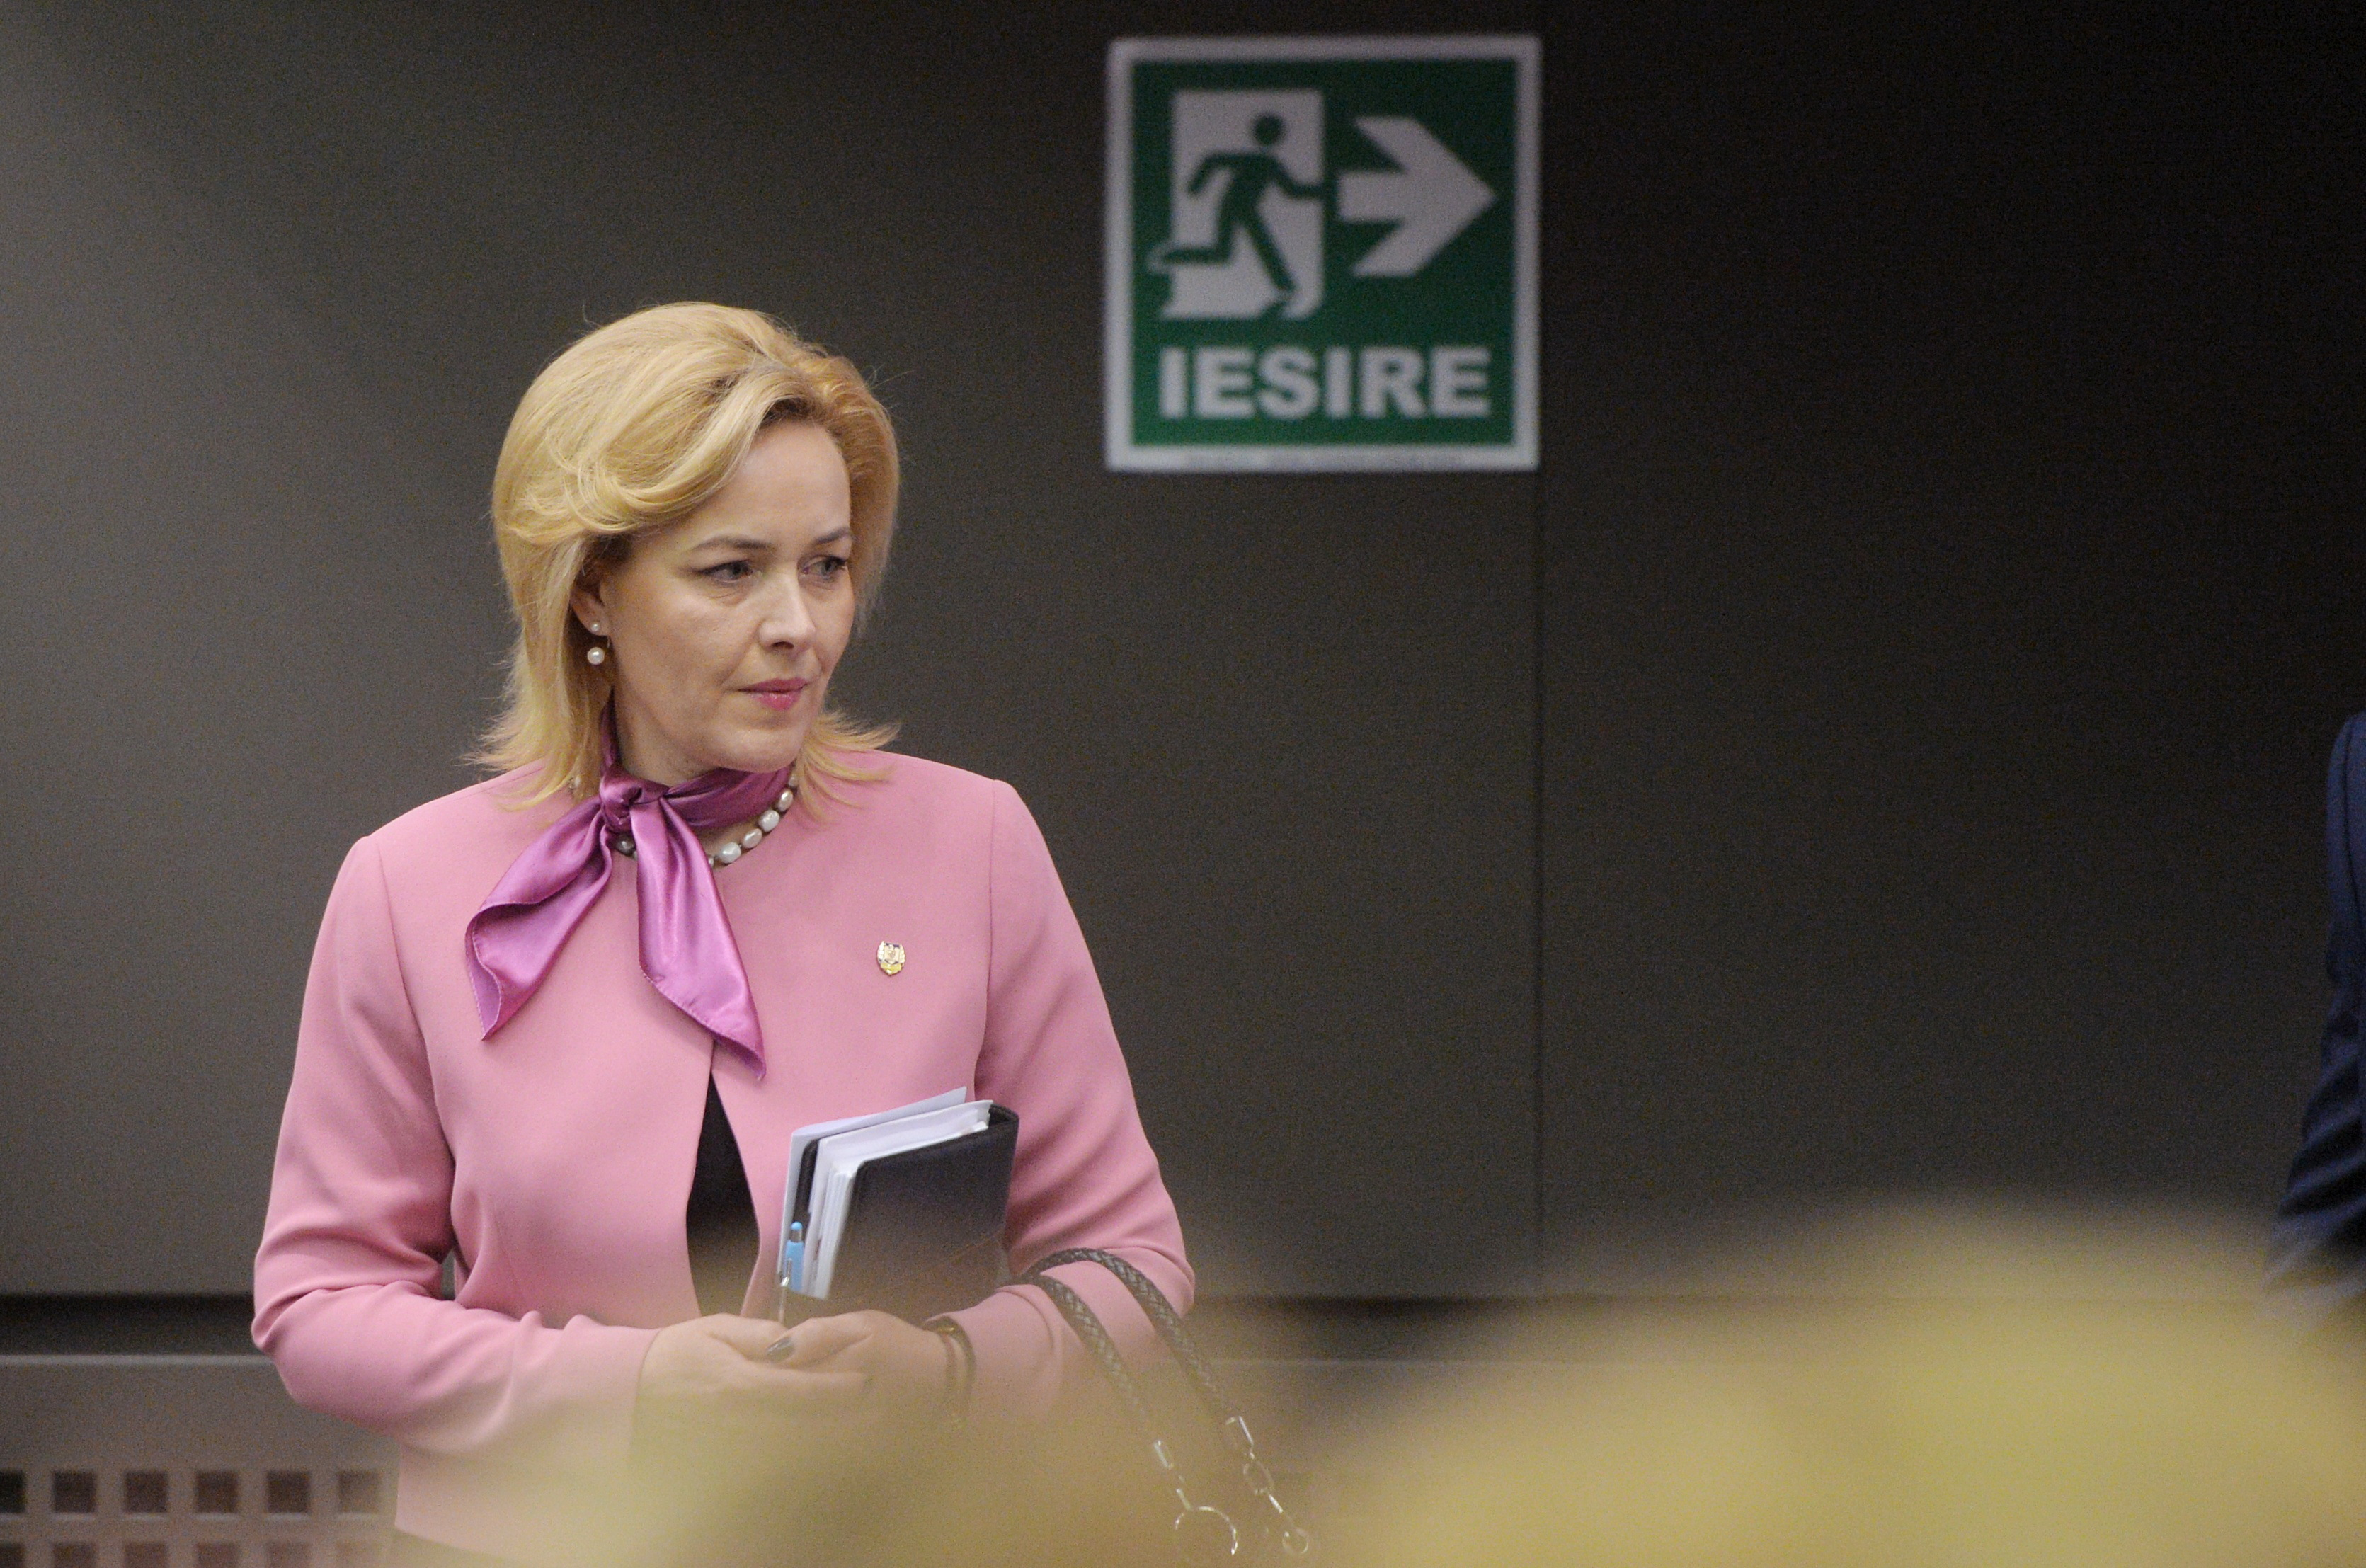 Carmen Dan, ministrul de Interne, despre posibila scurgere de informaţii de la DGPI privind activitatea lui Liviu Dragnea în Teleorman: Nu cred că există raporturi cu compania Tel Drum